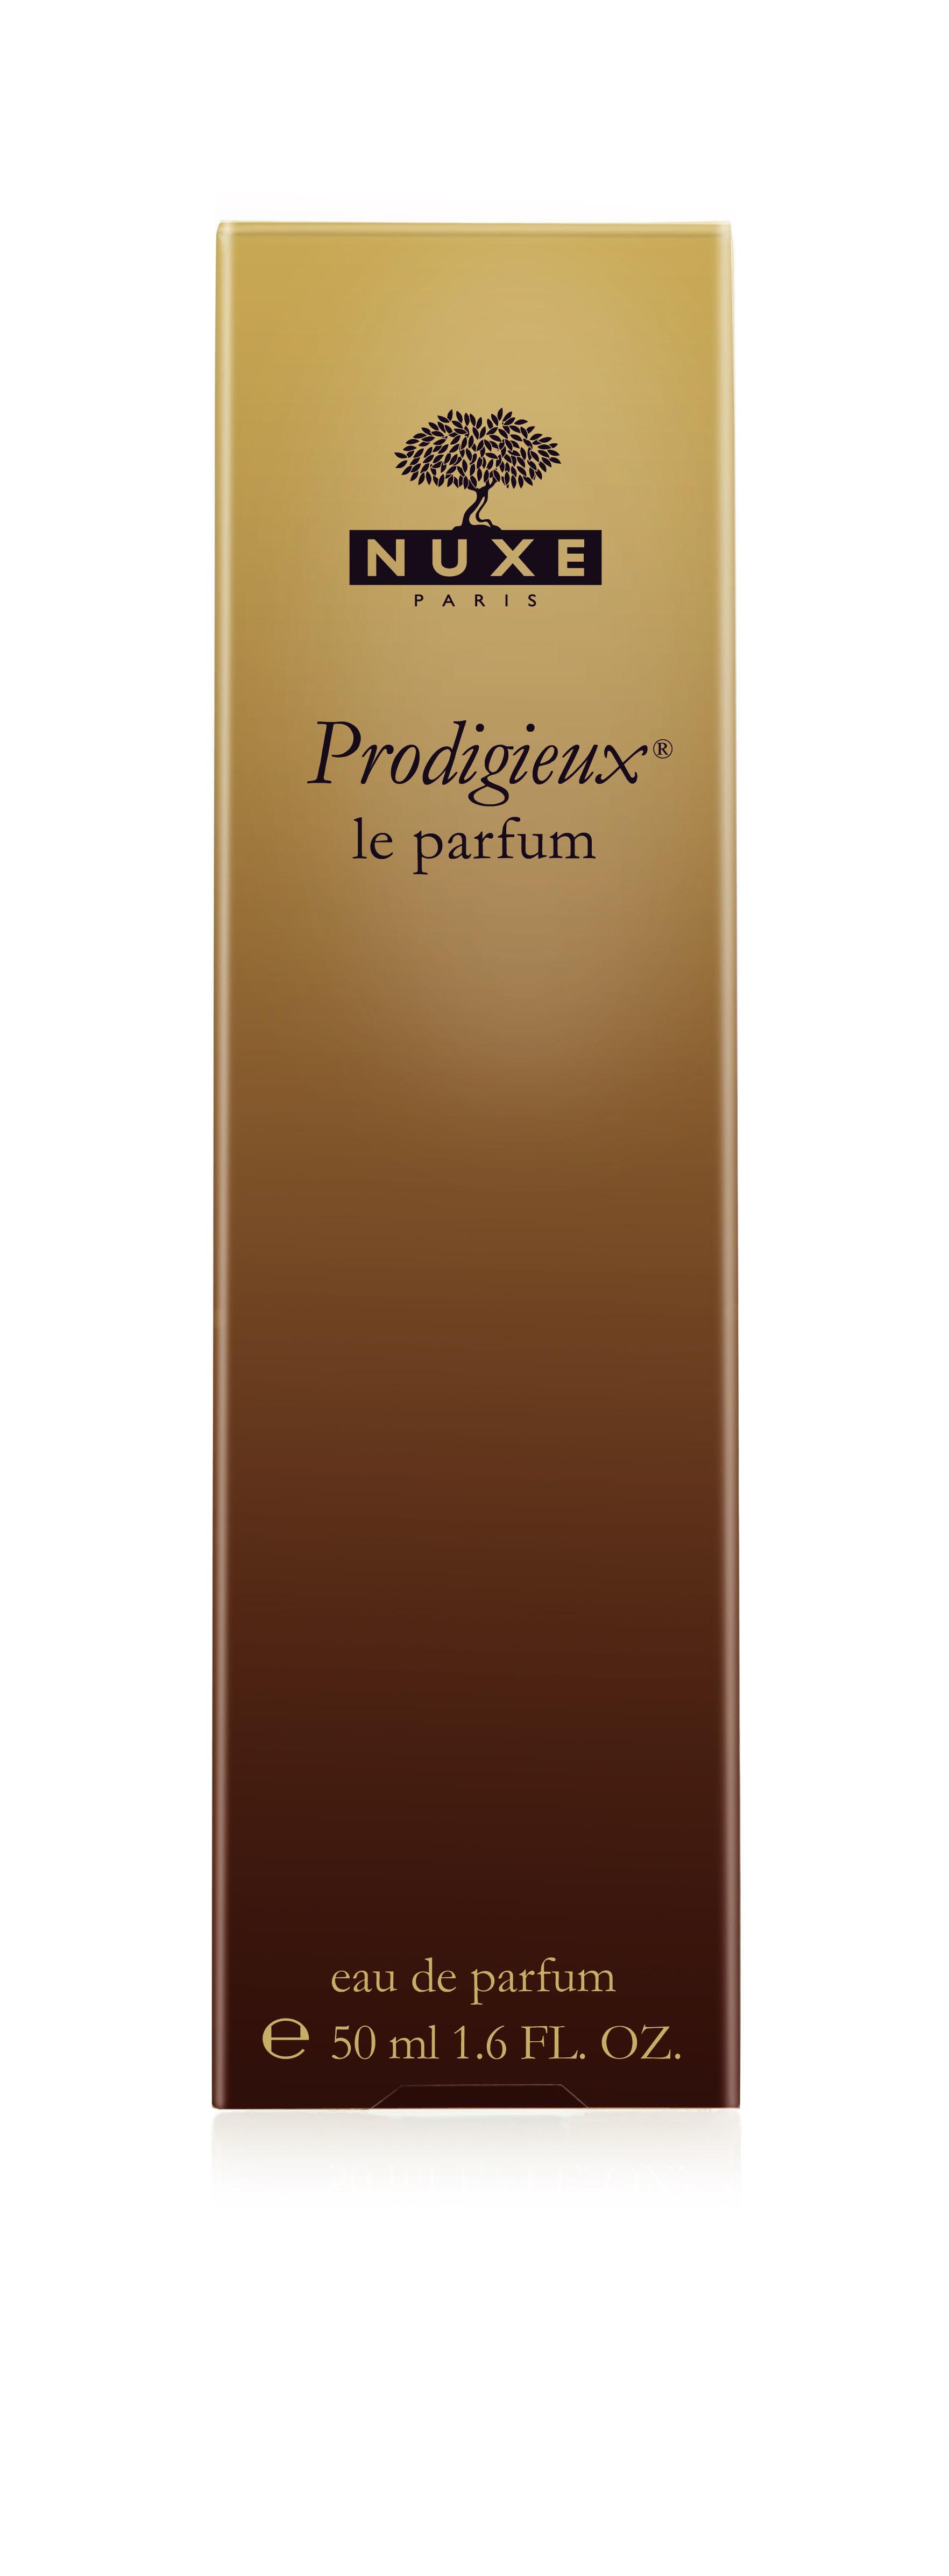 Prodigieux le parfum1-1